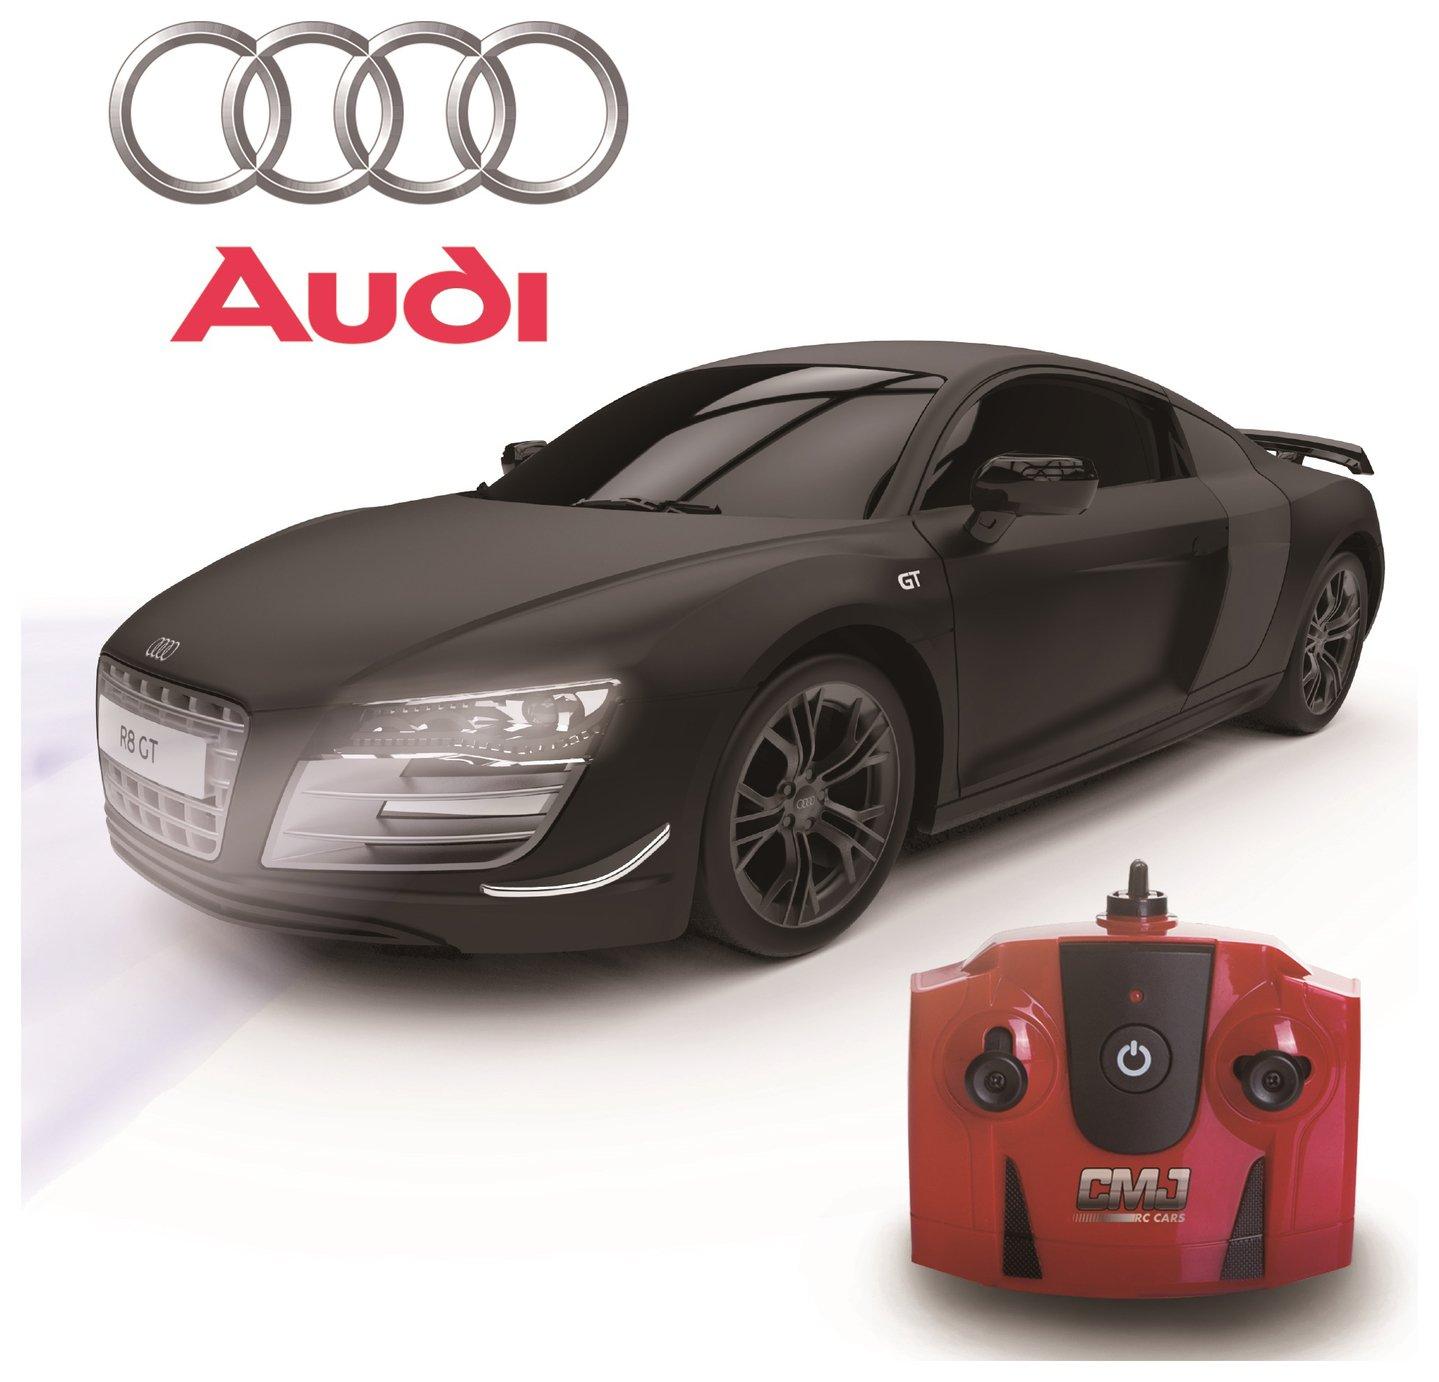 Audi R8 GT Remote Control Car 1:24 Black 2.4Ghz